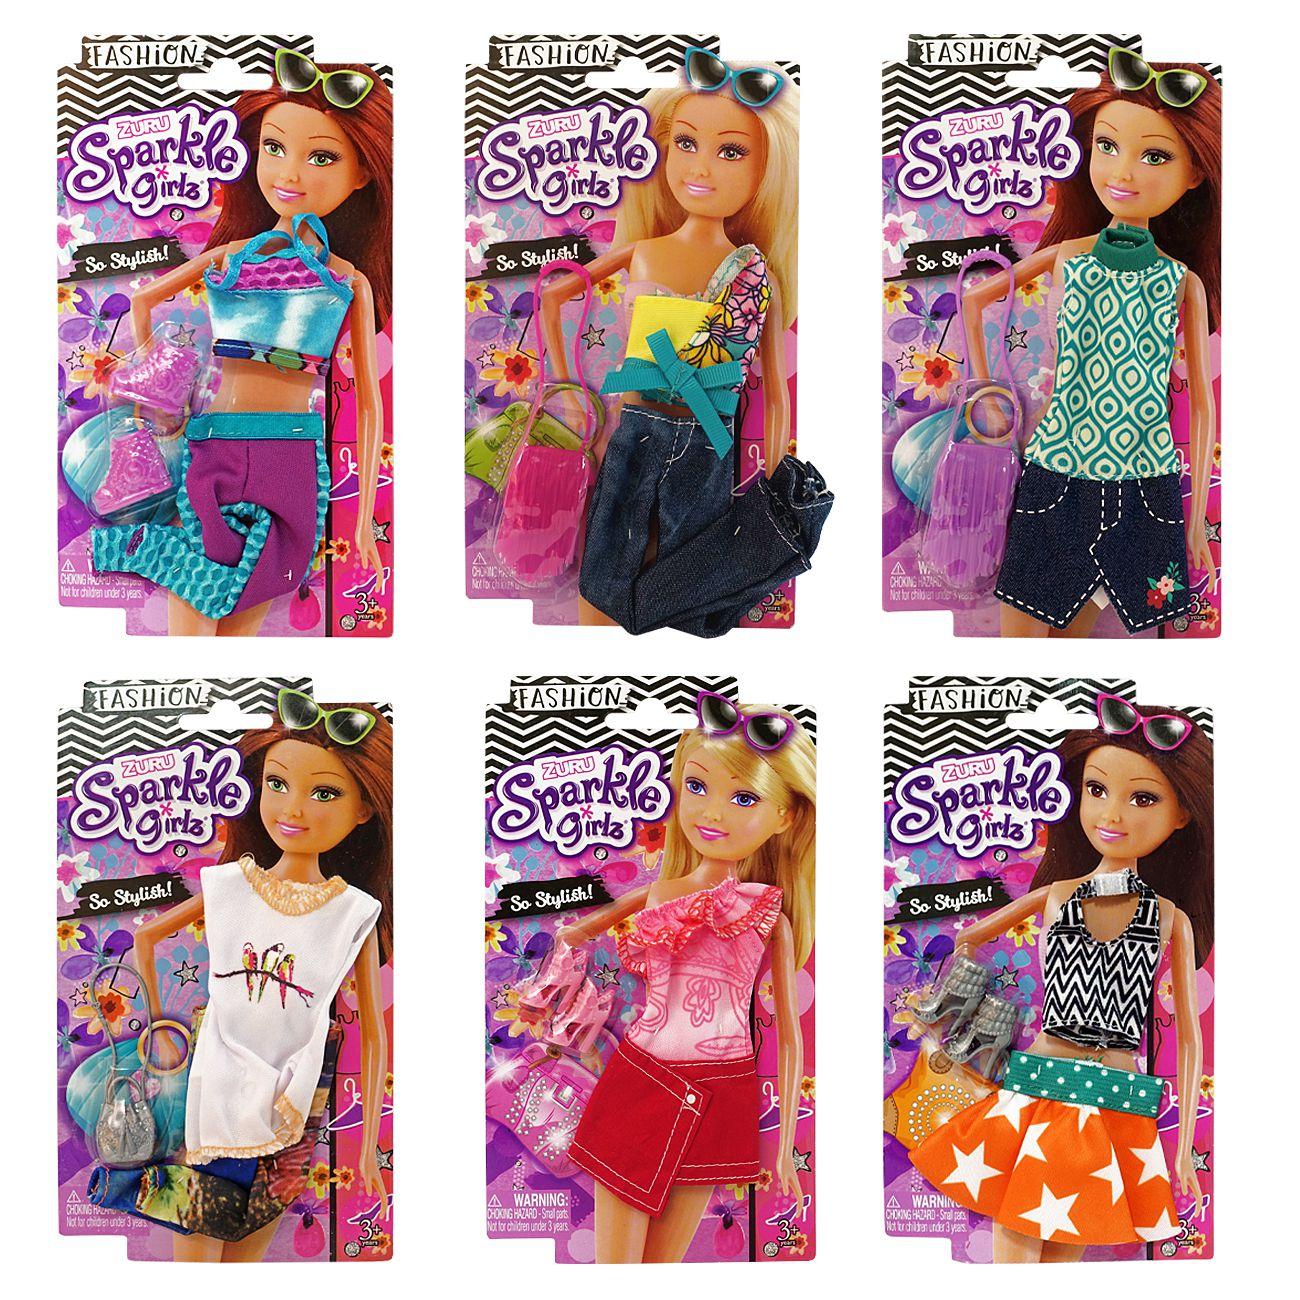 Oblekice Sparkle Girlz